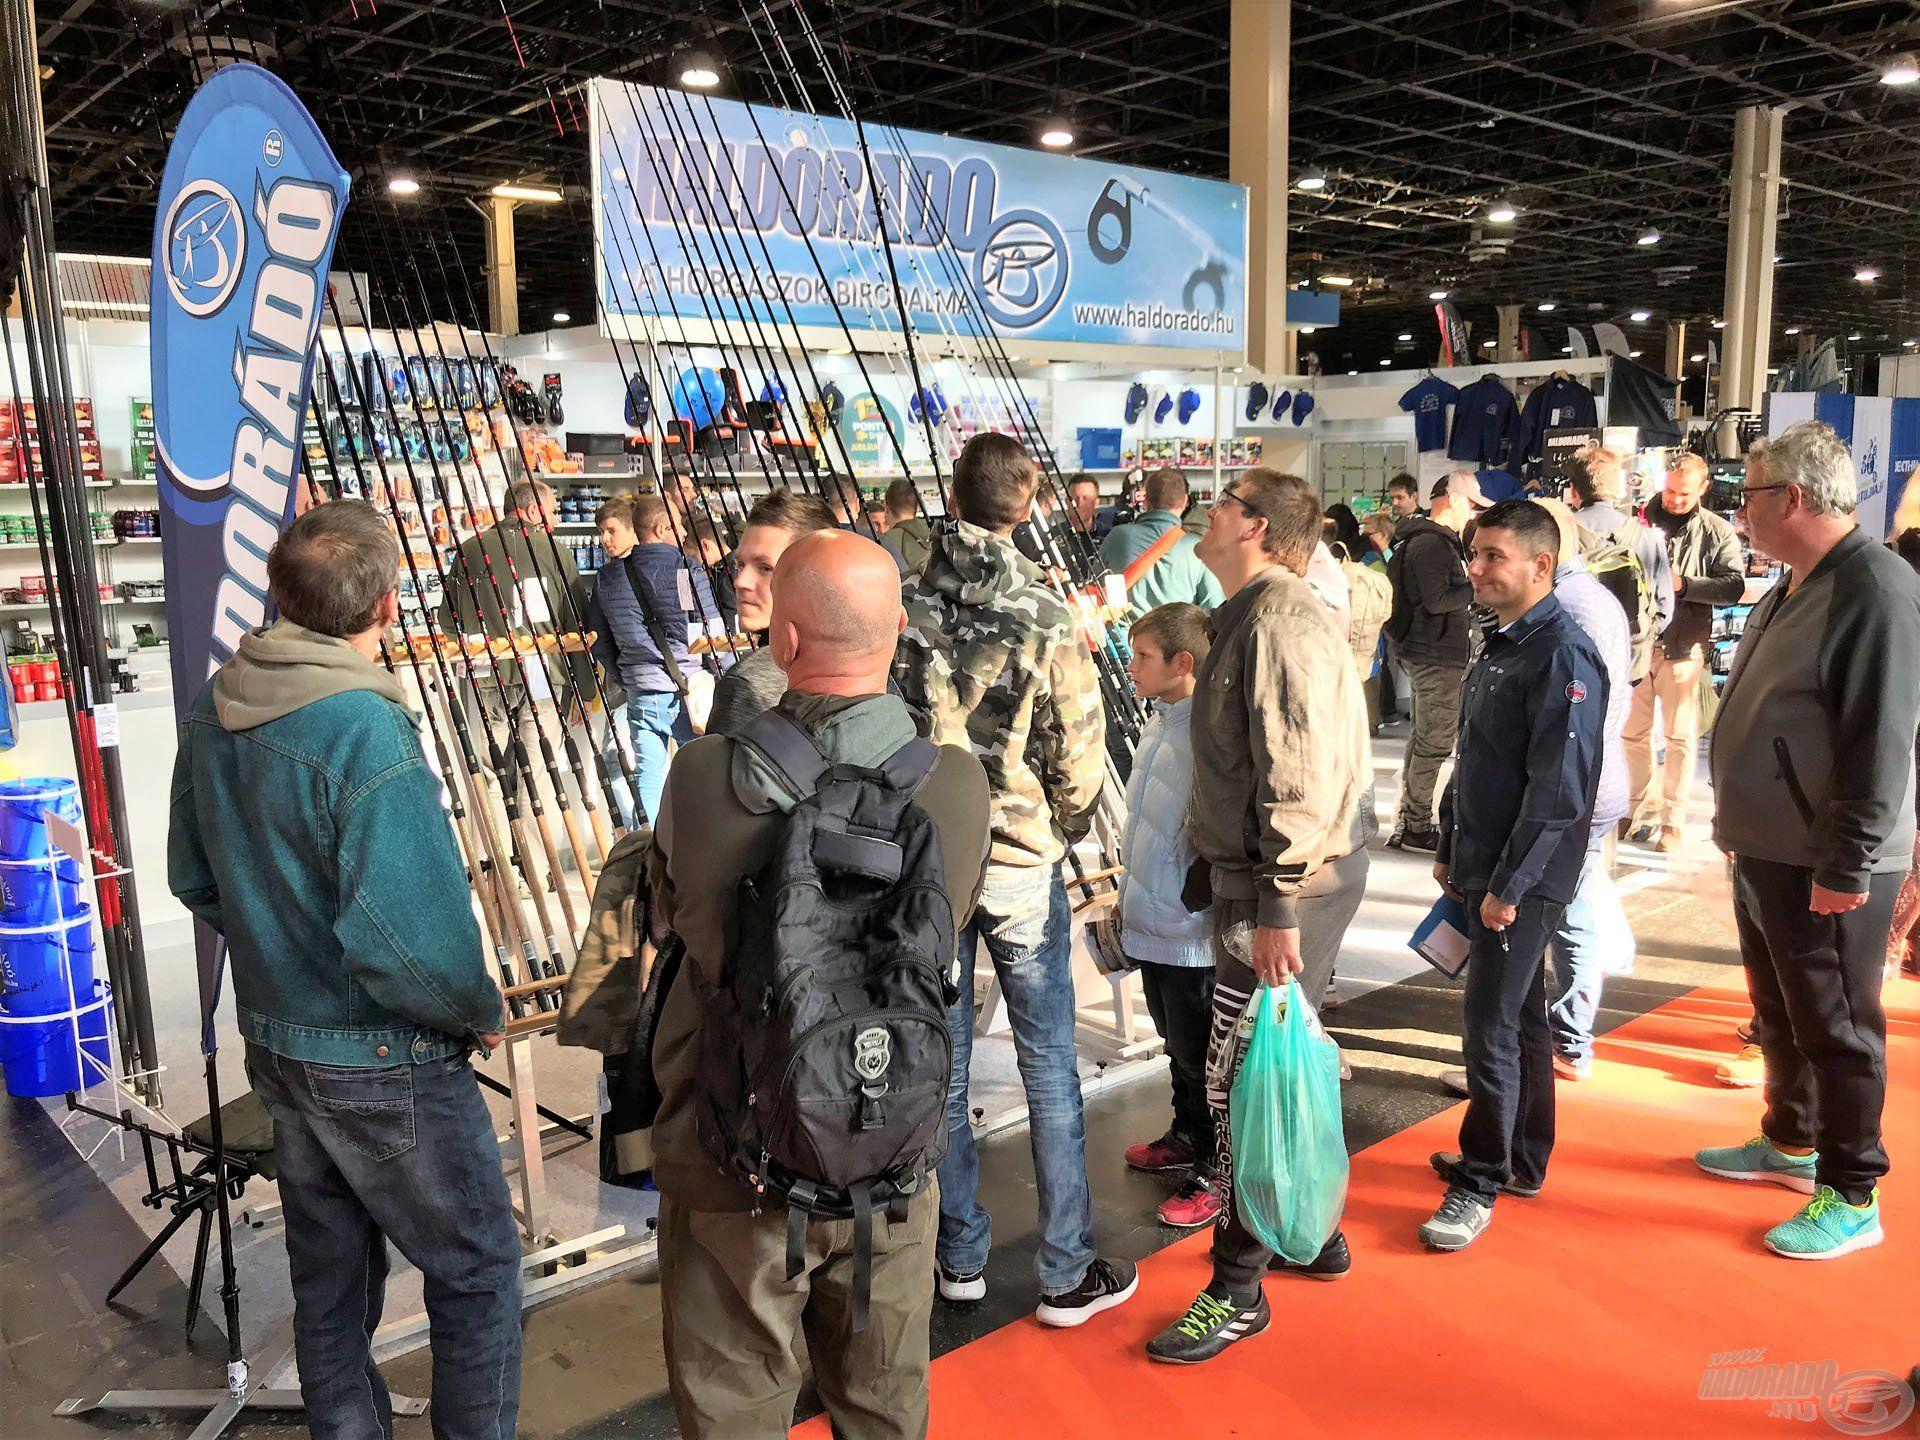 Furcsa, hogy egy késő őszi kiállításon még mindenki a másnapi vagy jövő heti horgászatot tervezi